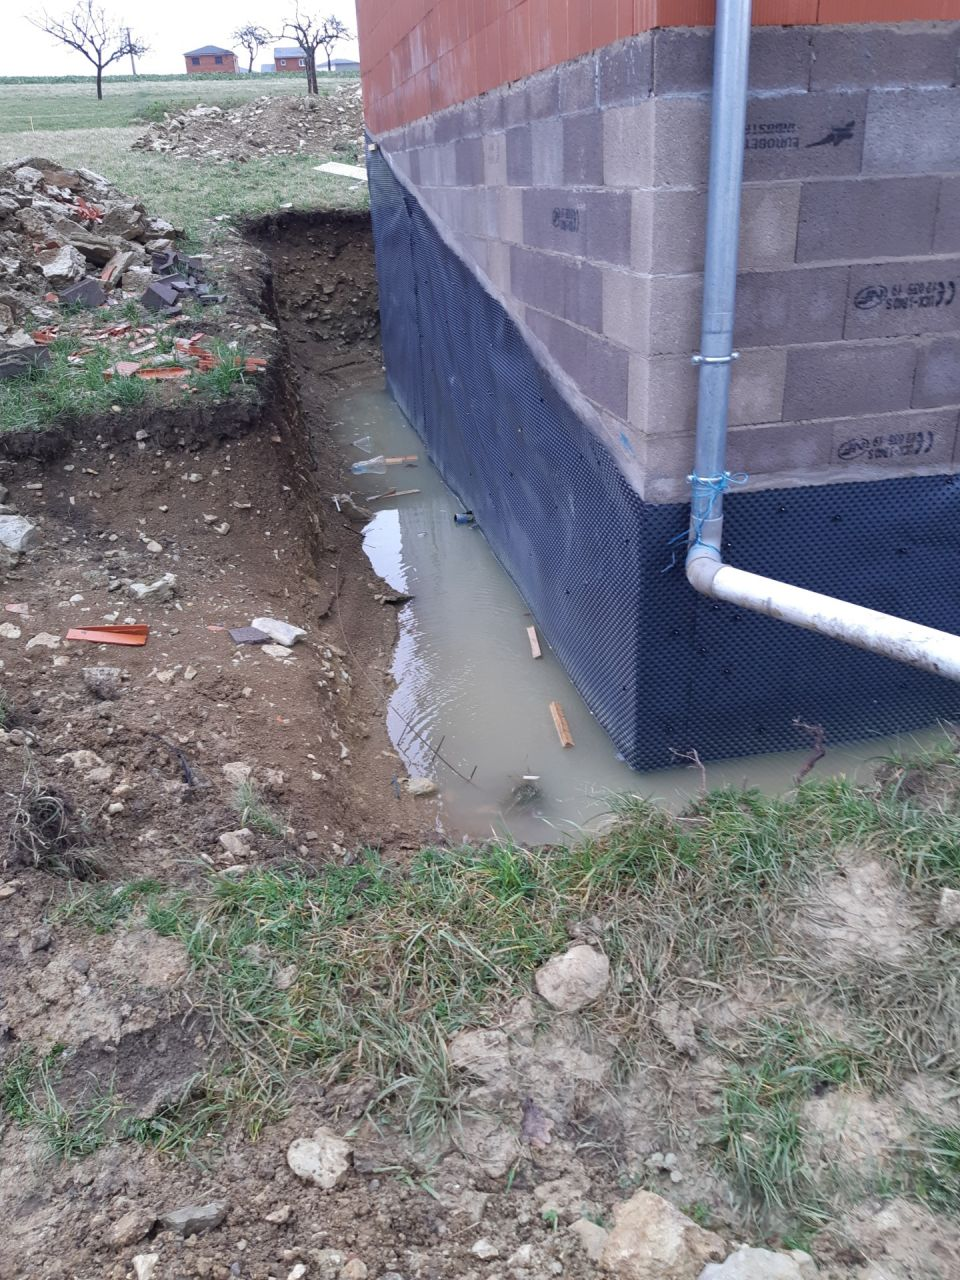 Inondation due à l'absence de gouttiere alos j'ai installé des gouttières provisoires et l'eau a continué de monter